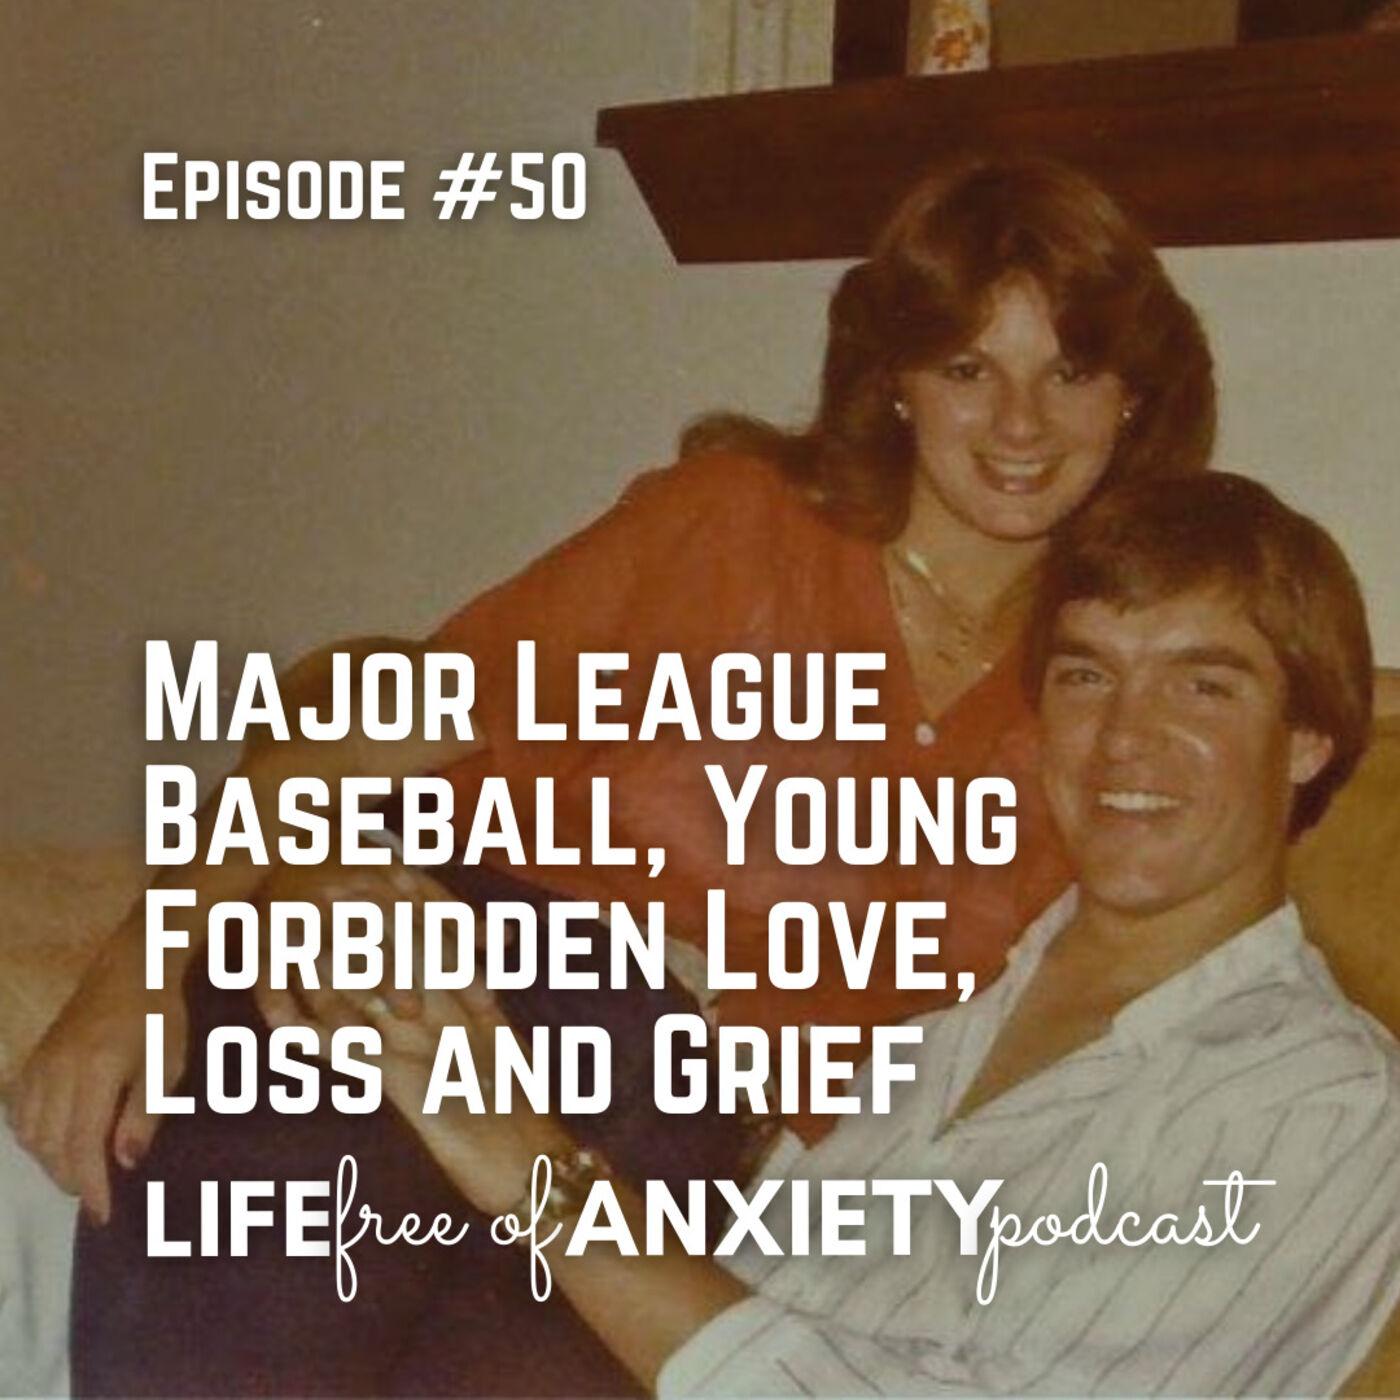 E050 - Major League Baseball, Young Forbidden Love, Loss and Grief